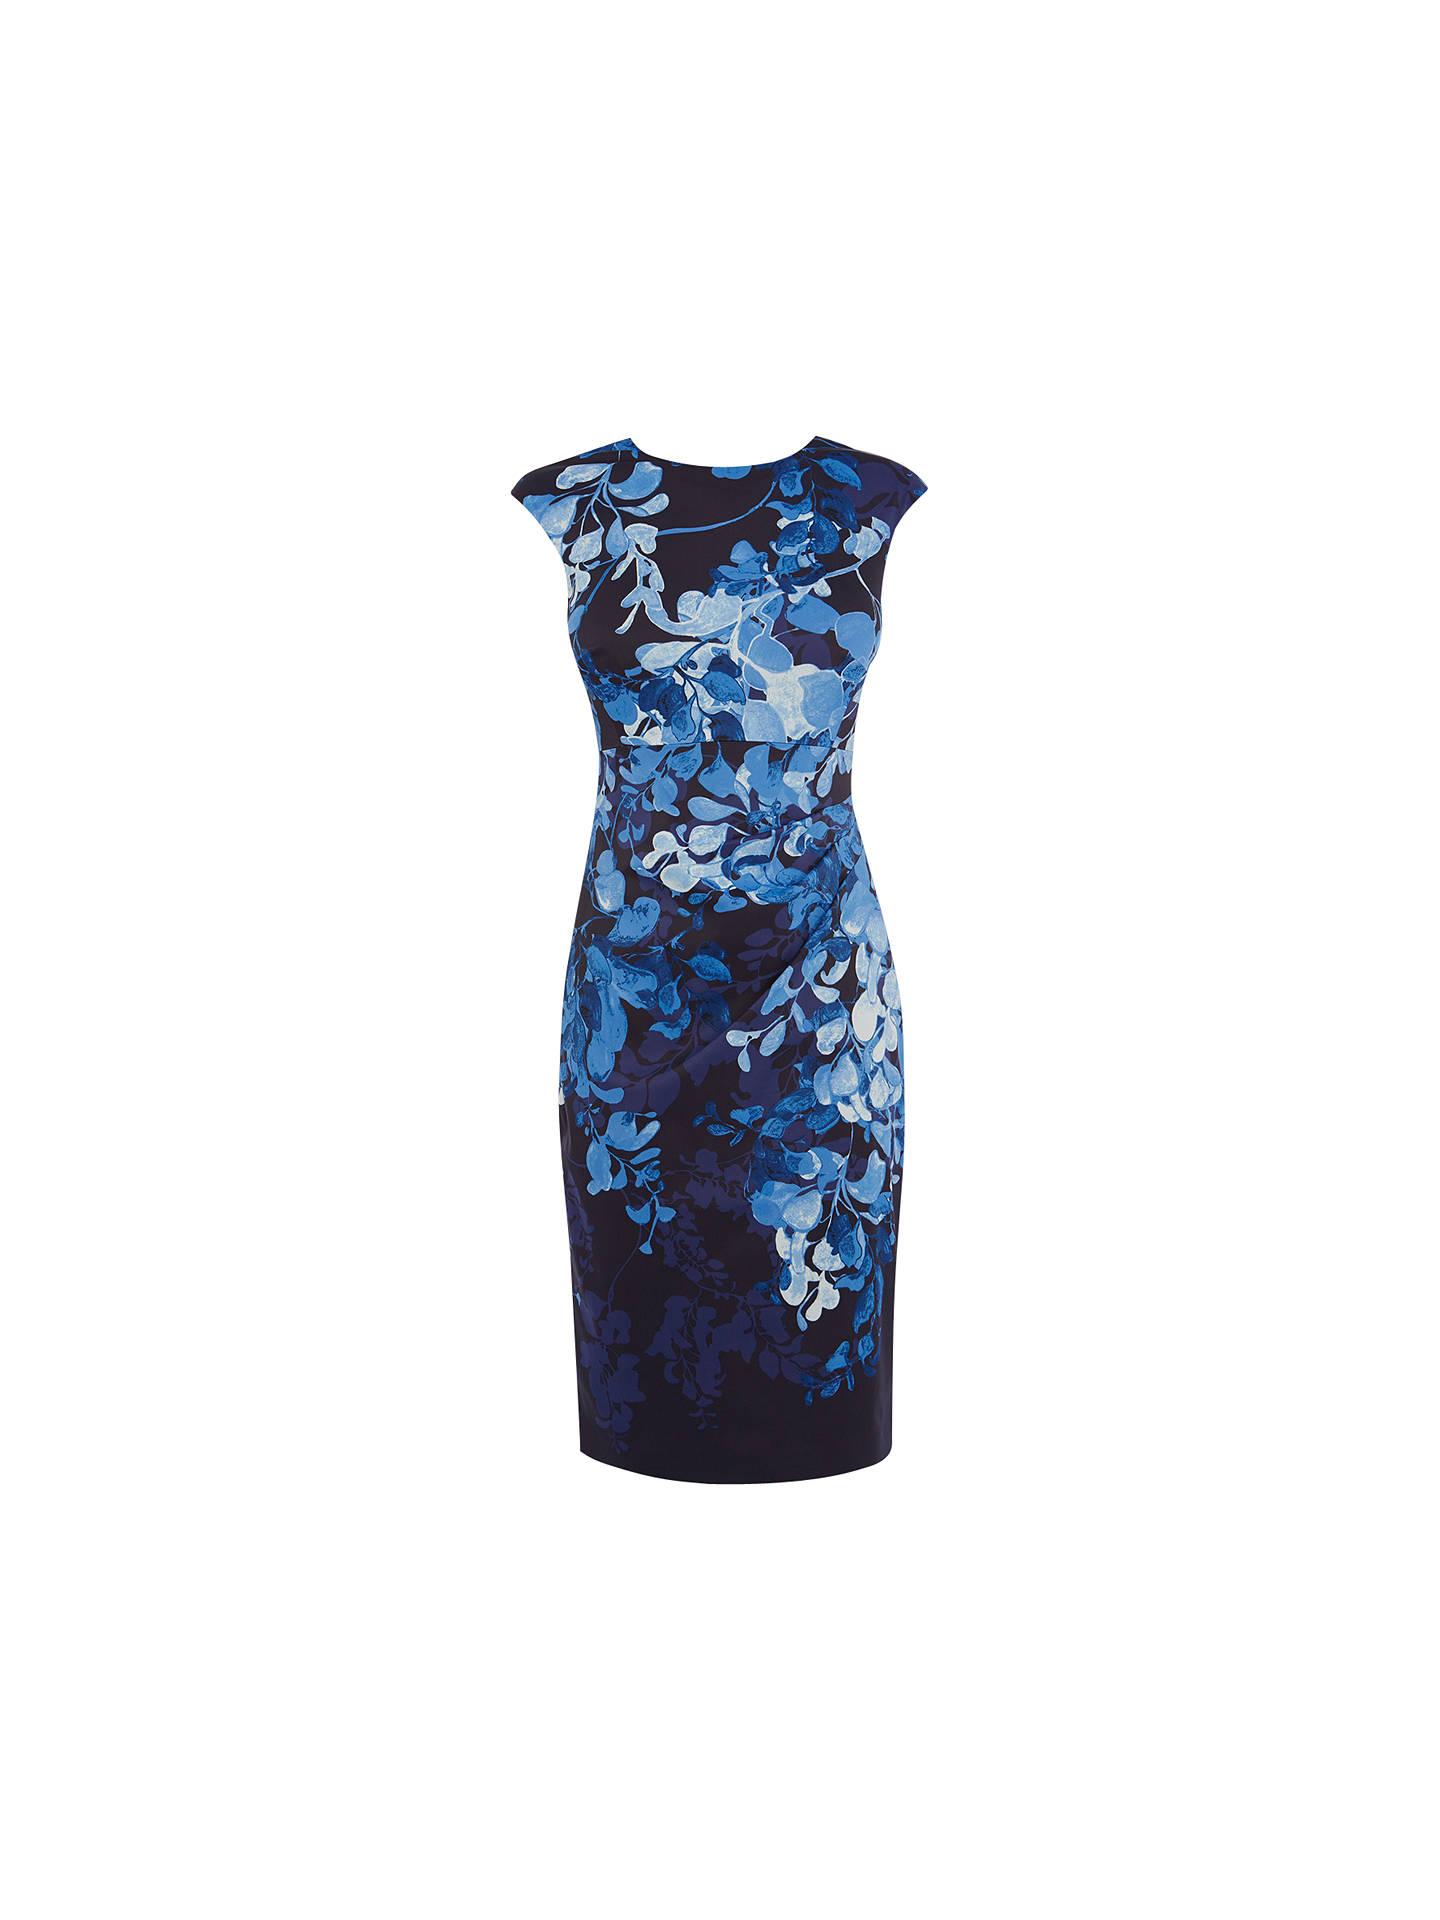 36ca02fce8 Buy Karen Millen Wisteria Print Dress